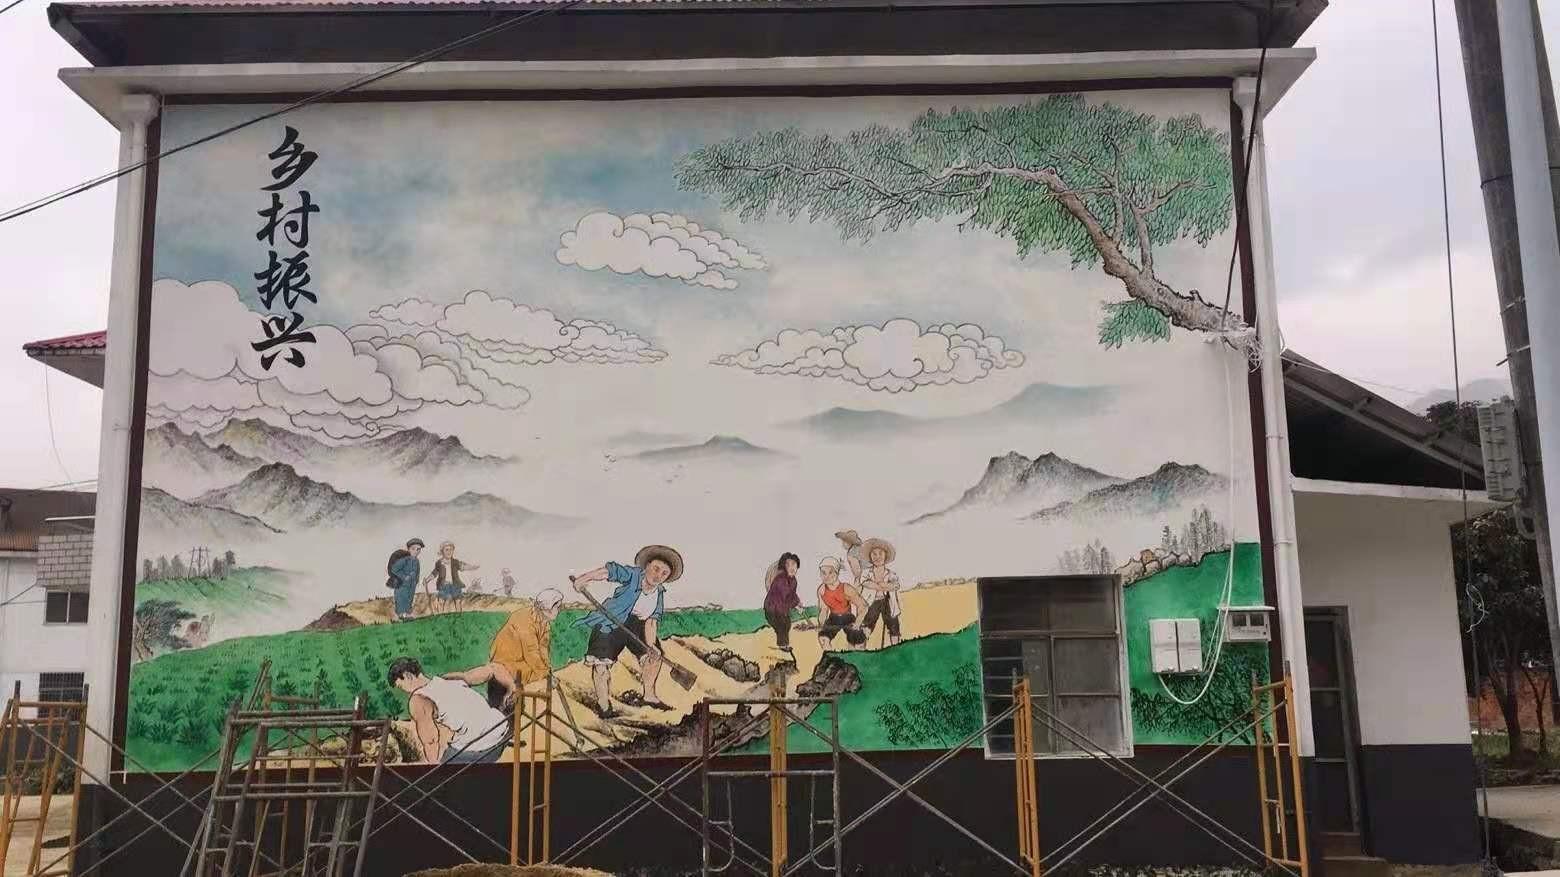 南昌墙体彩绘,南昌涂鸦墙,南昌墙体喷绘广告,南昌墙壁绘画